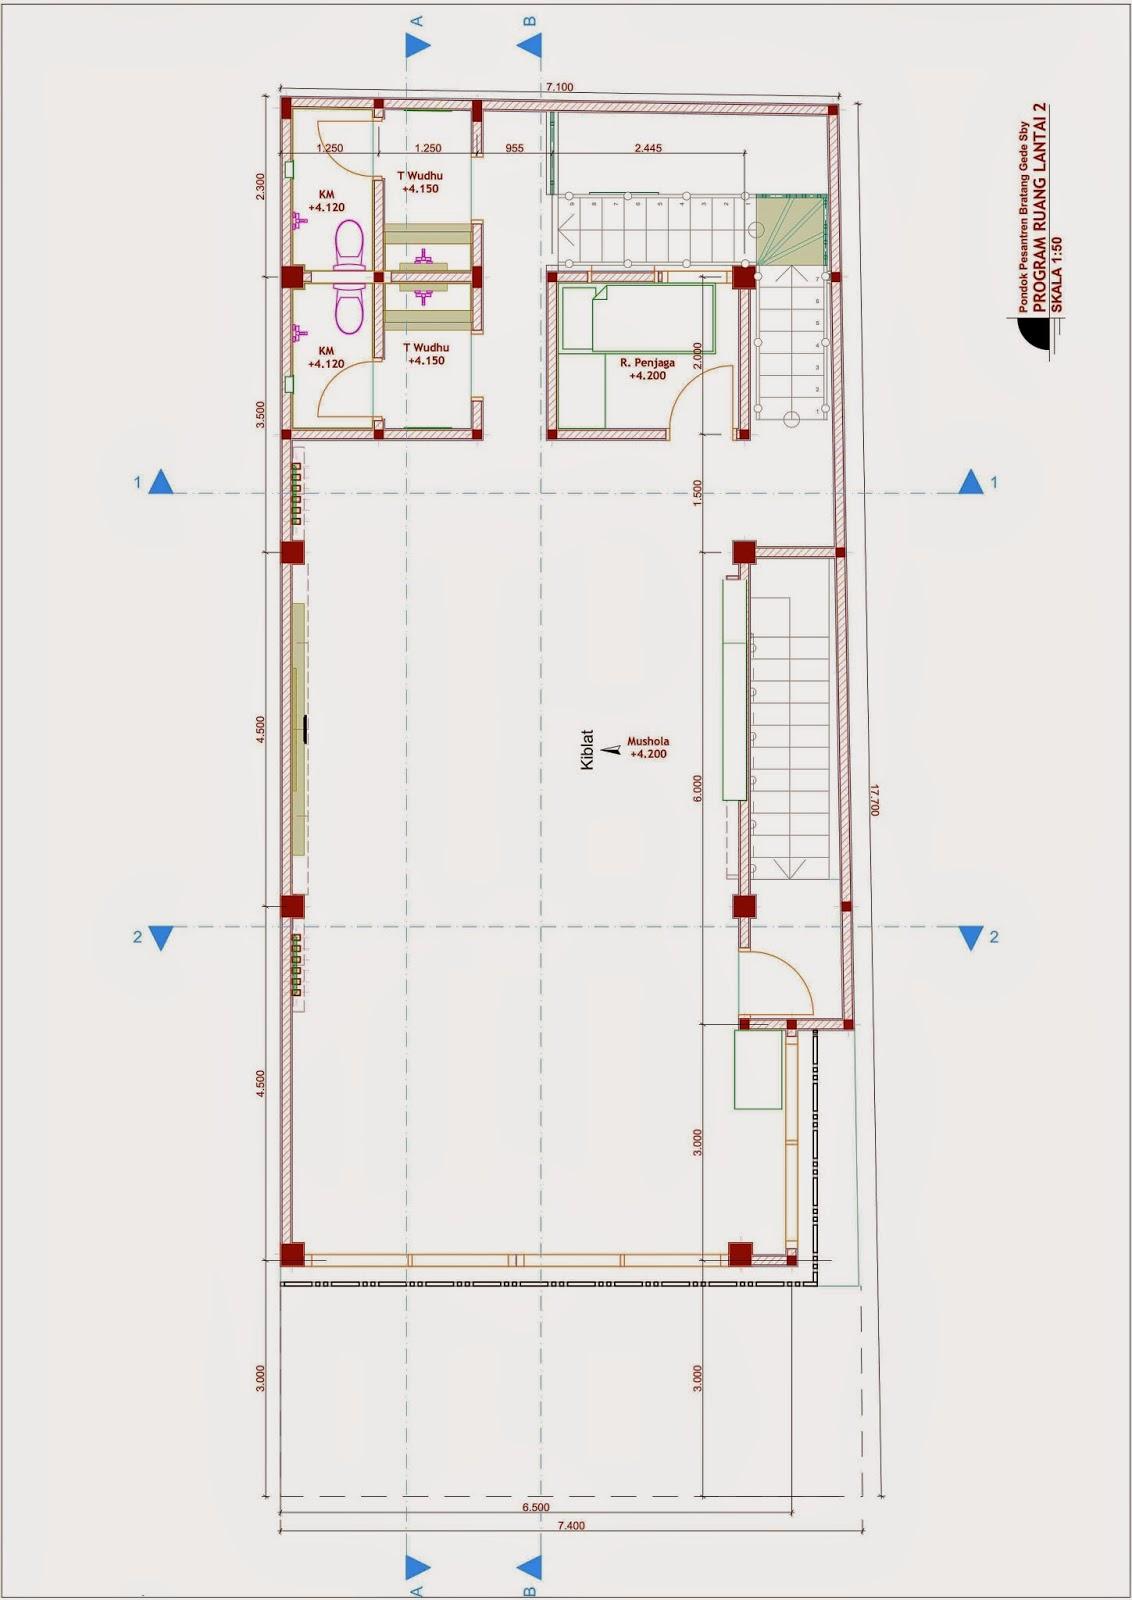 Desain Rumah Minimalis Jadi Pesantren - Denah Lt 2